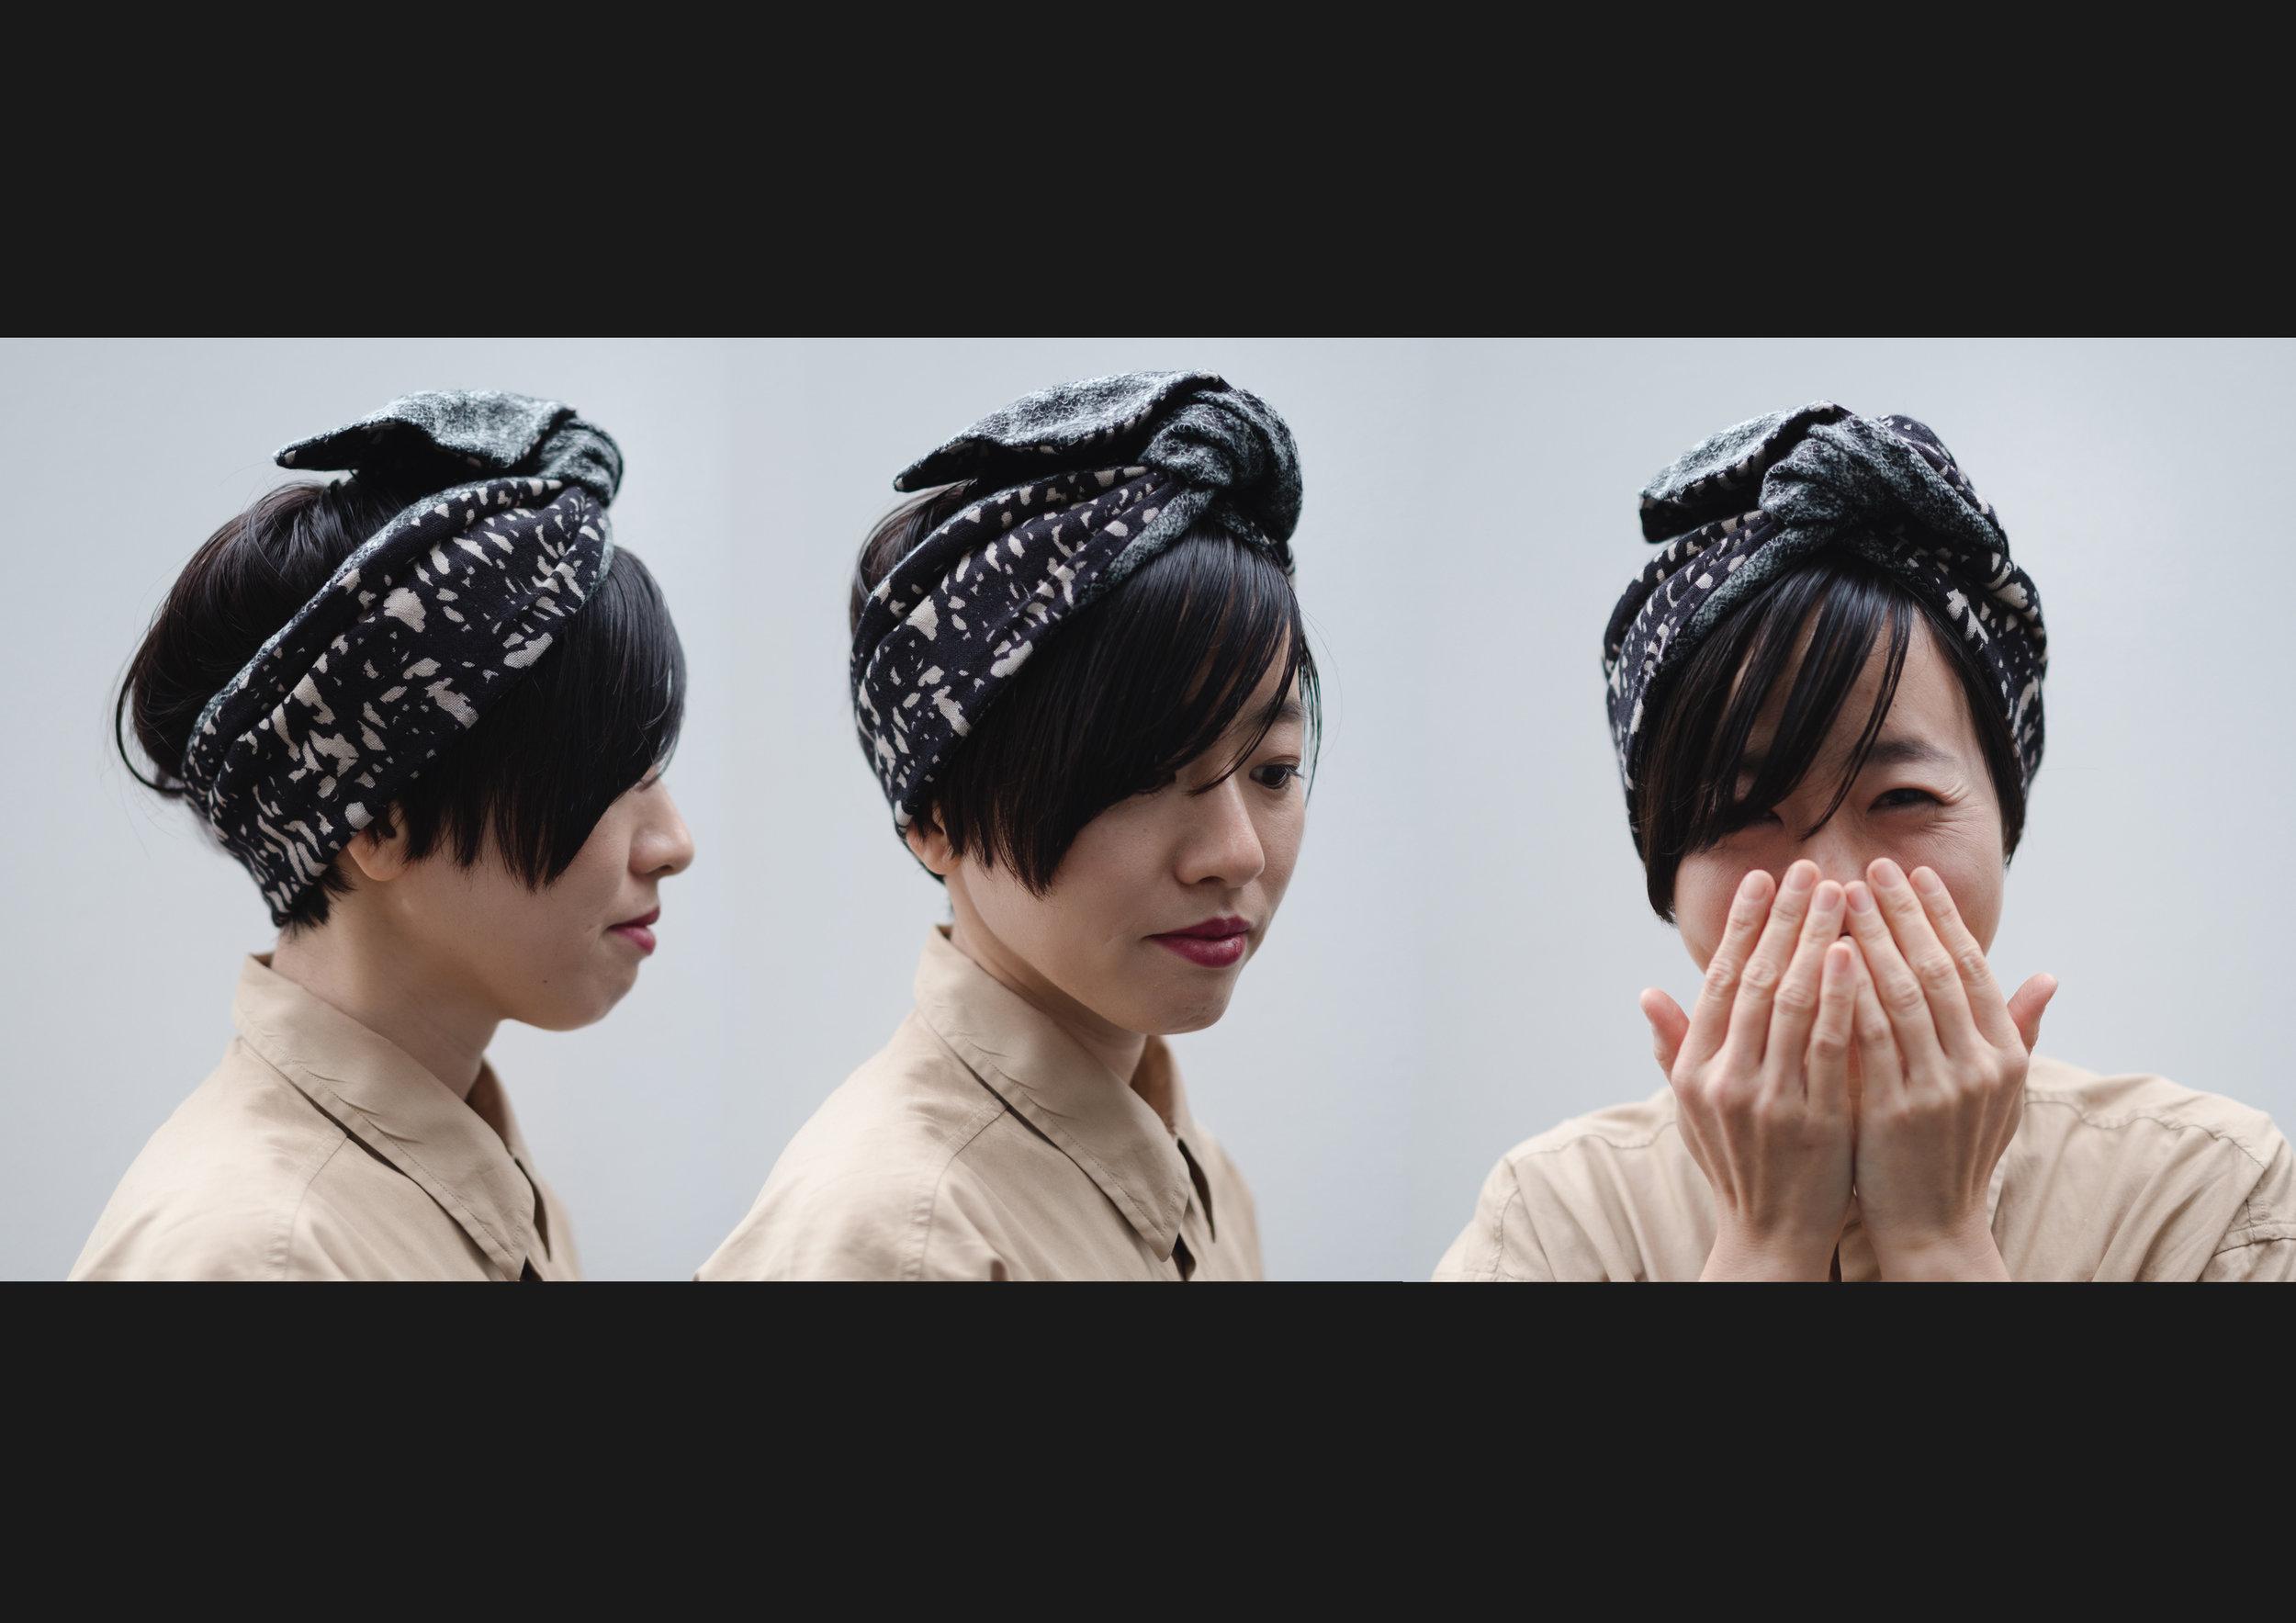 ショートヘアの方は、こんな風に前髪や手前の髪の毛を少し出しても可愛いです。